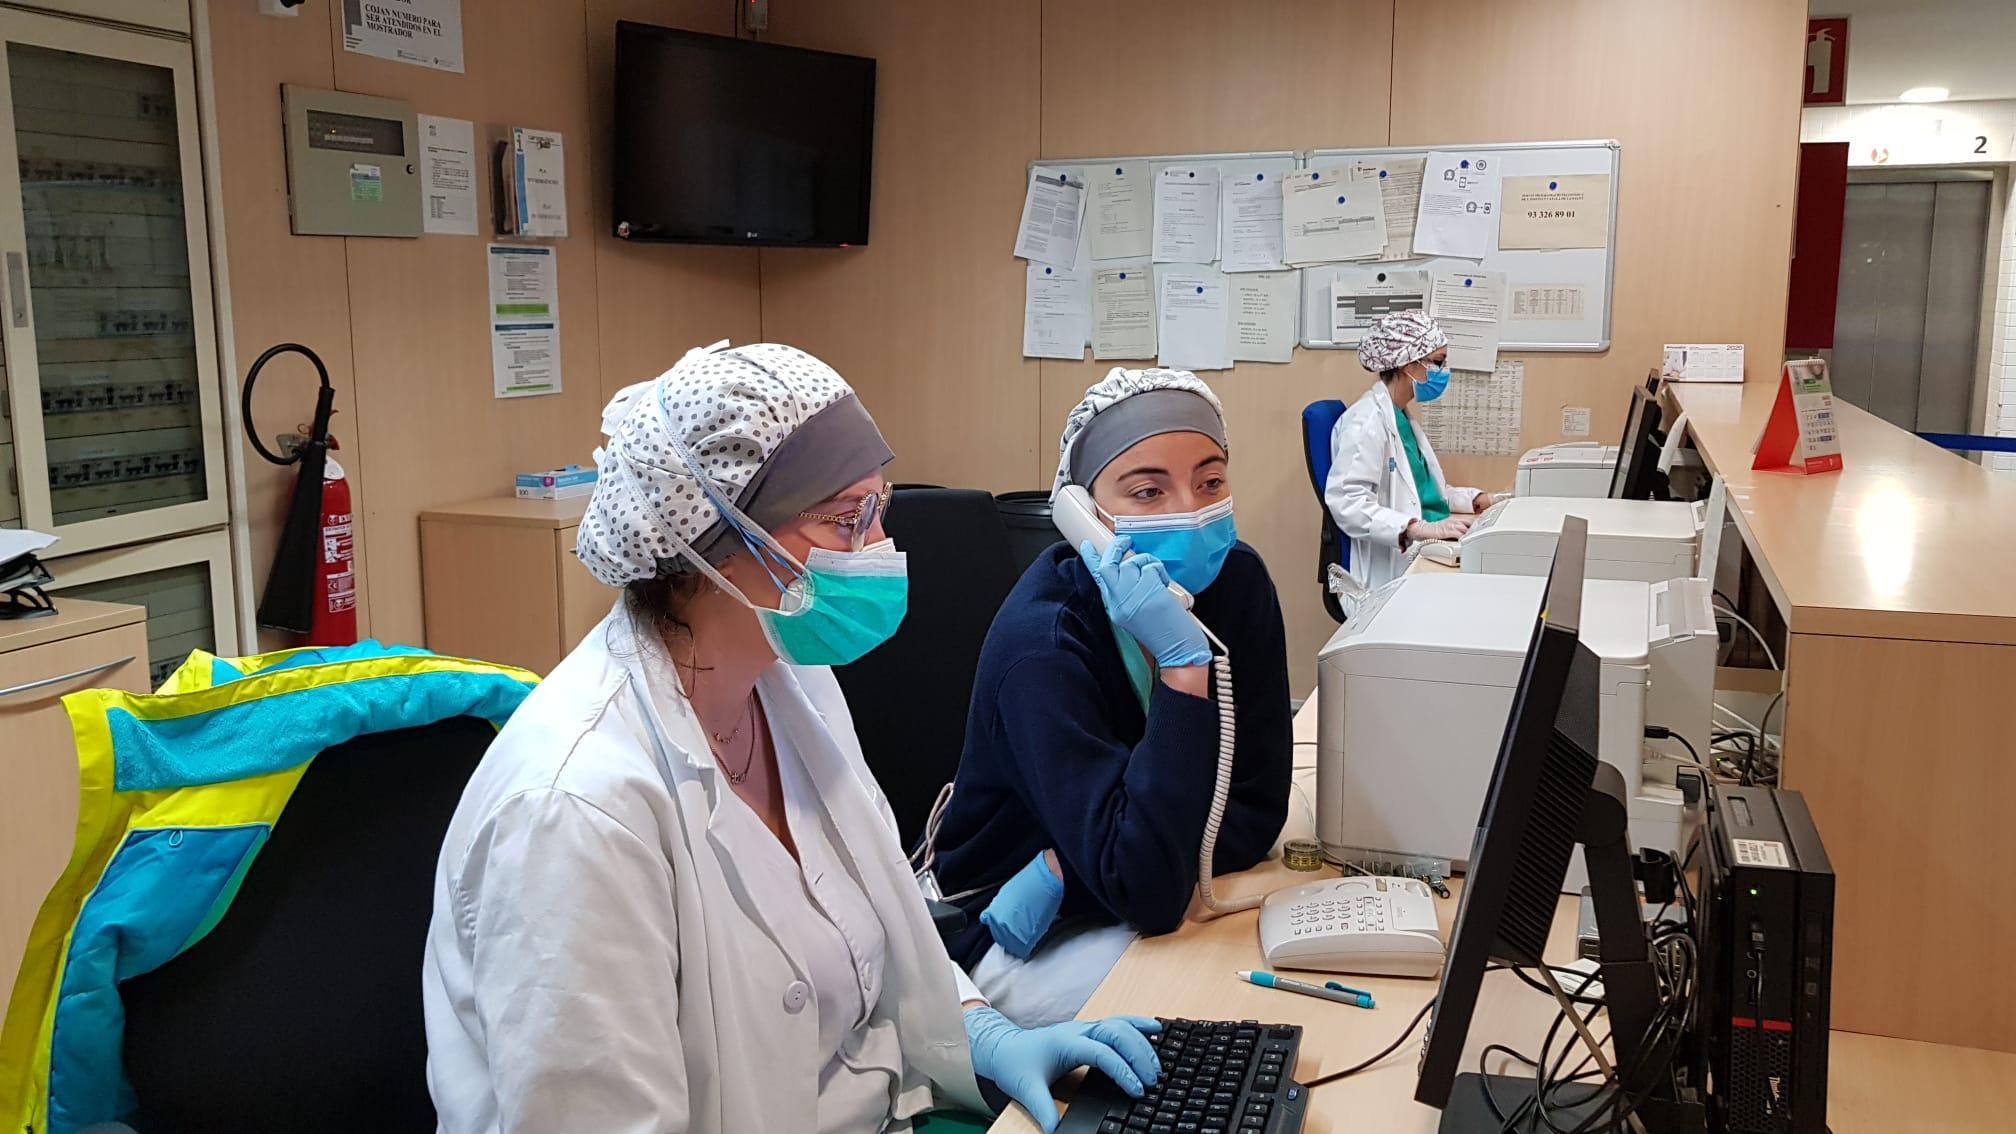 Professionals d'un ambulatori de Barcelona fent atenció telefònica durant la pandèmia de coronavirus / ICS Barcelona